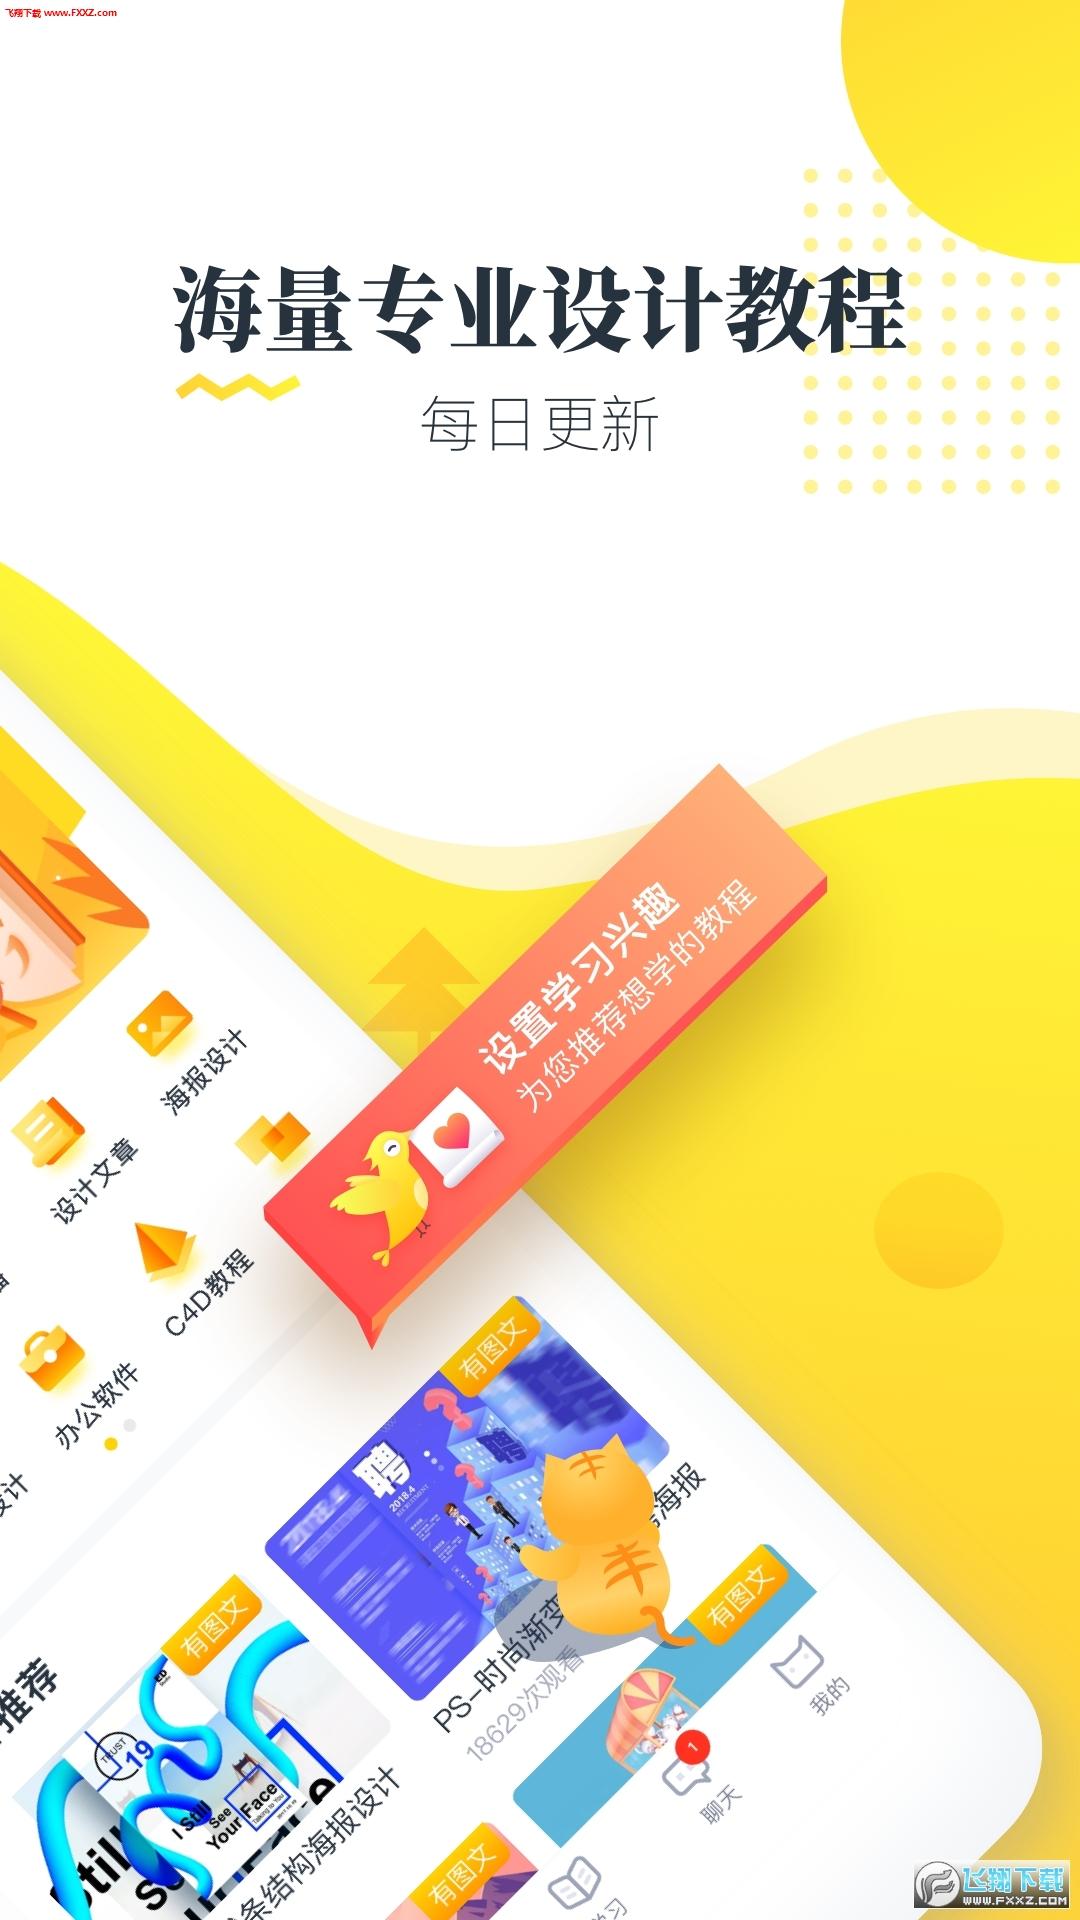 虎课网app安卓版2.16.0截图1